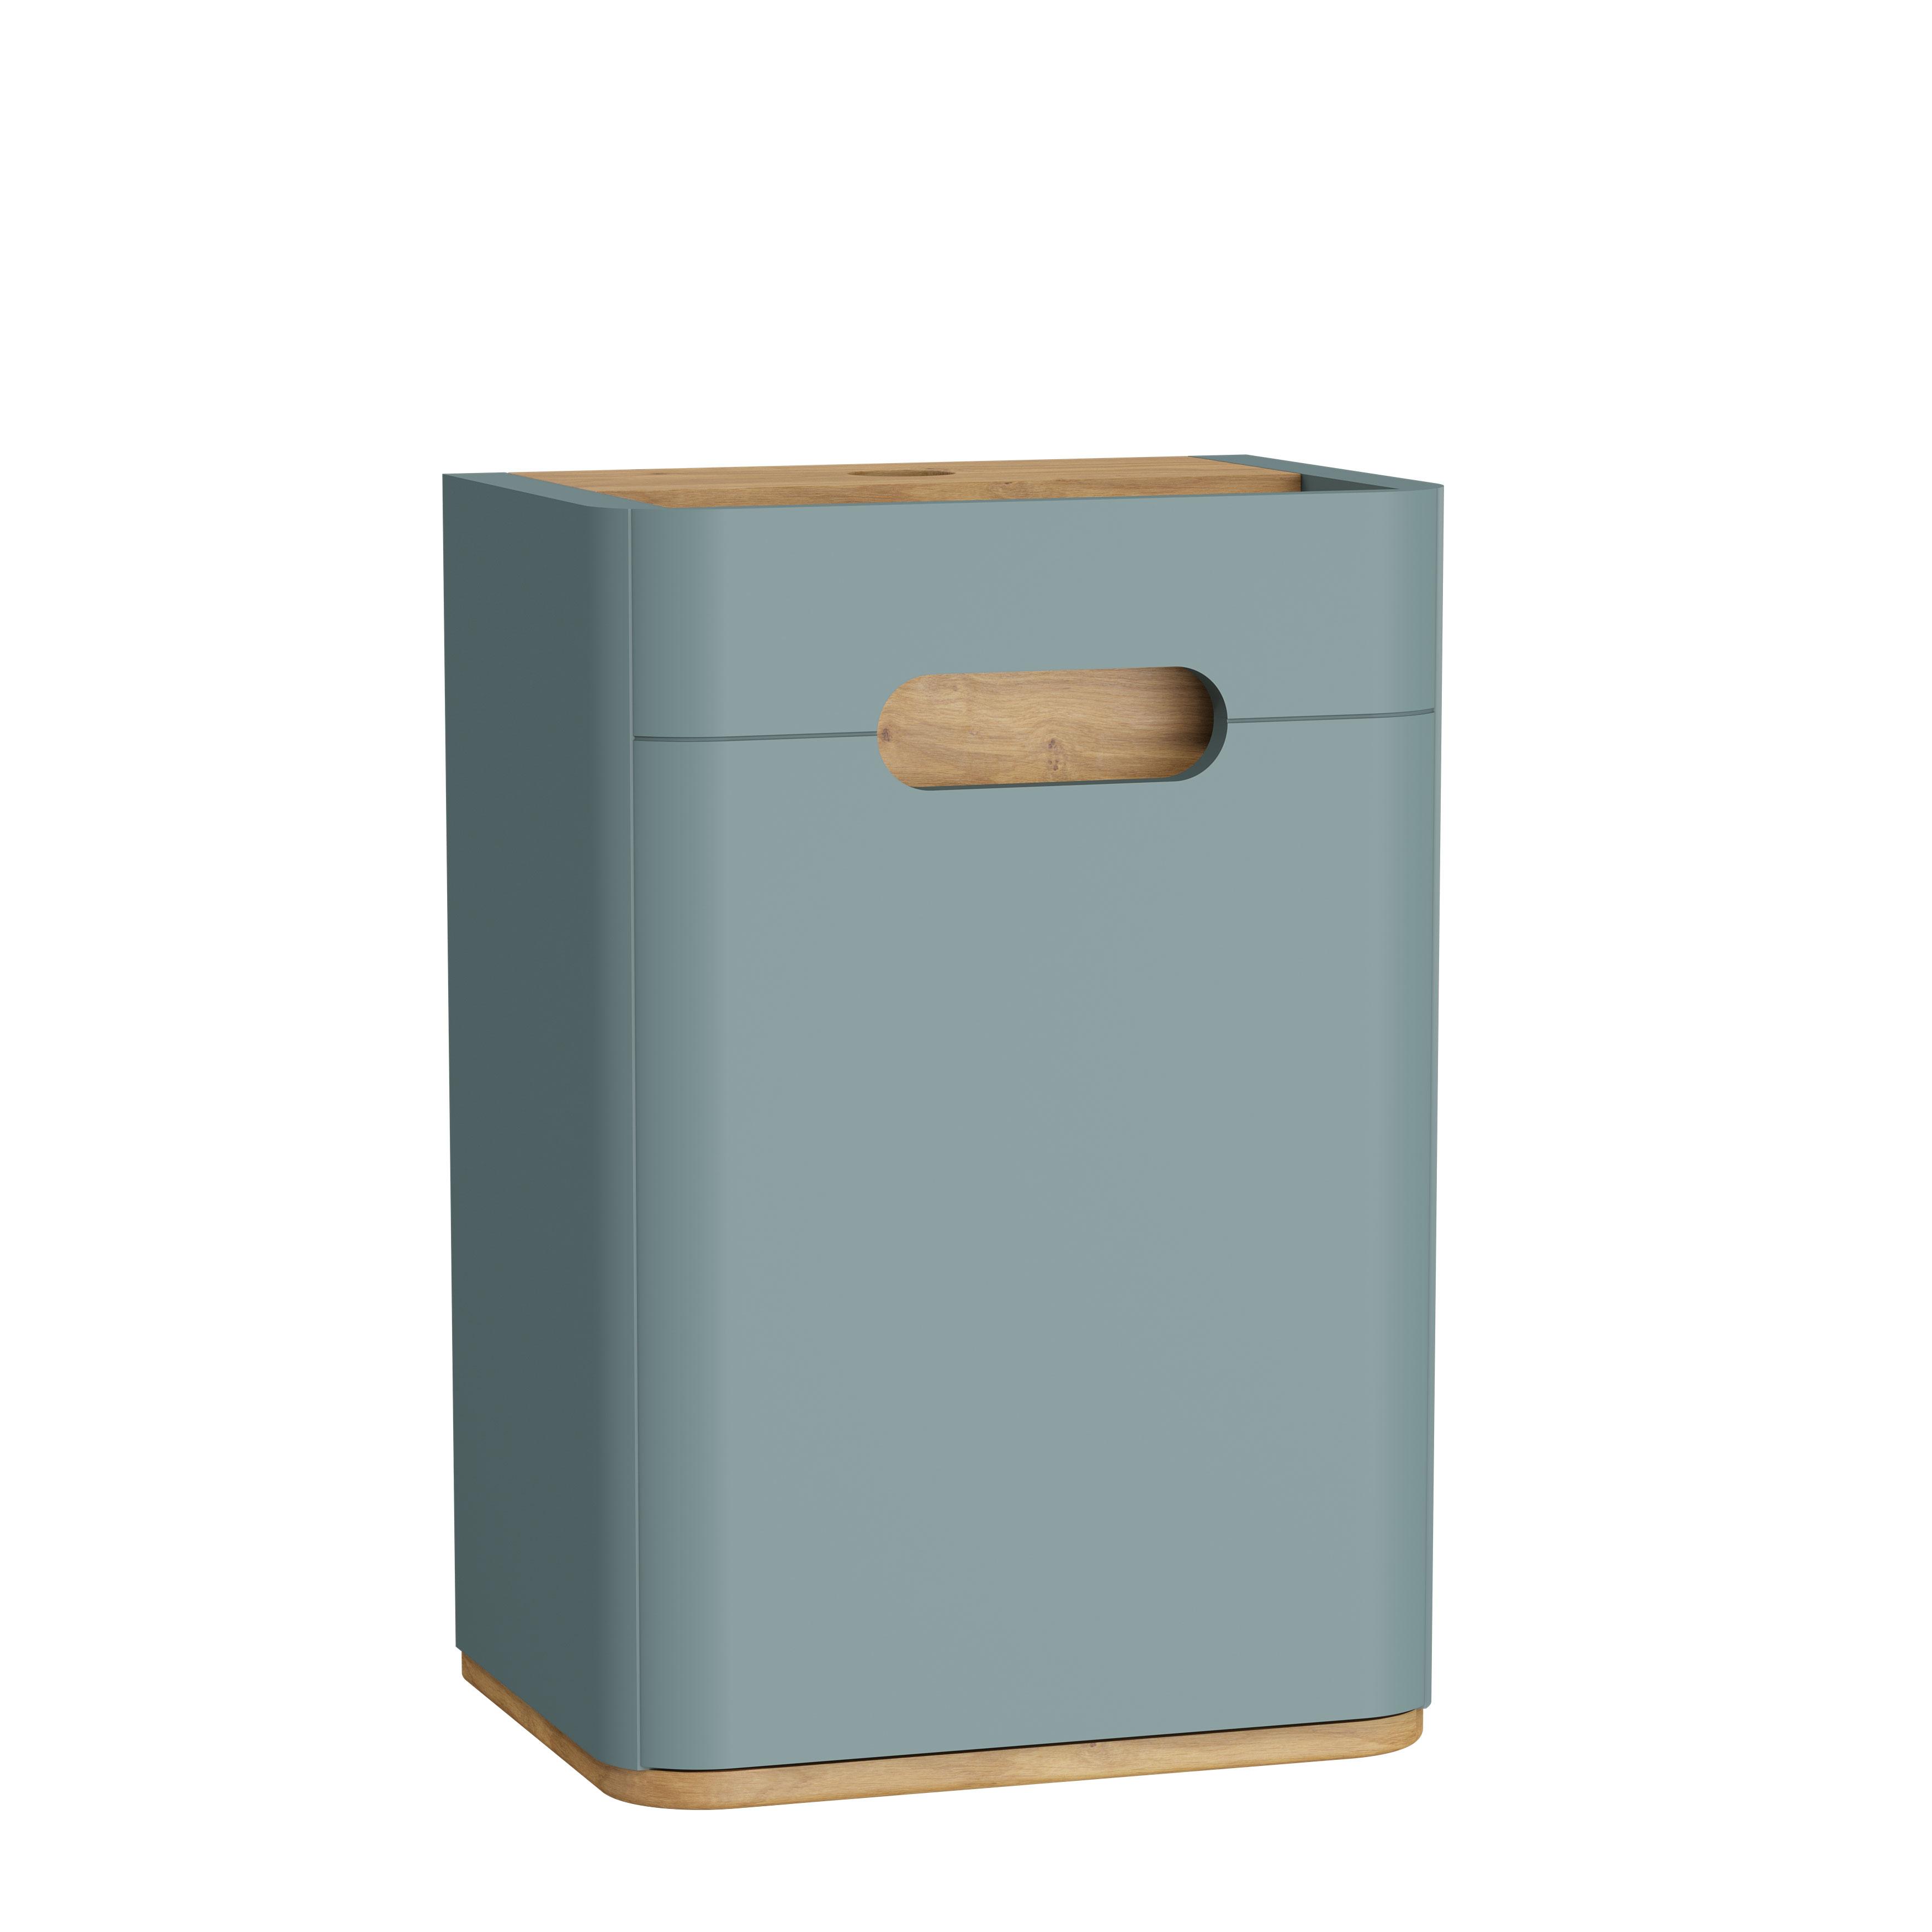 Sento armoire mi-haute, 40 cm, vert fjord mat, charnière à gauche